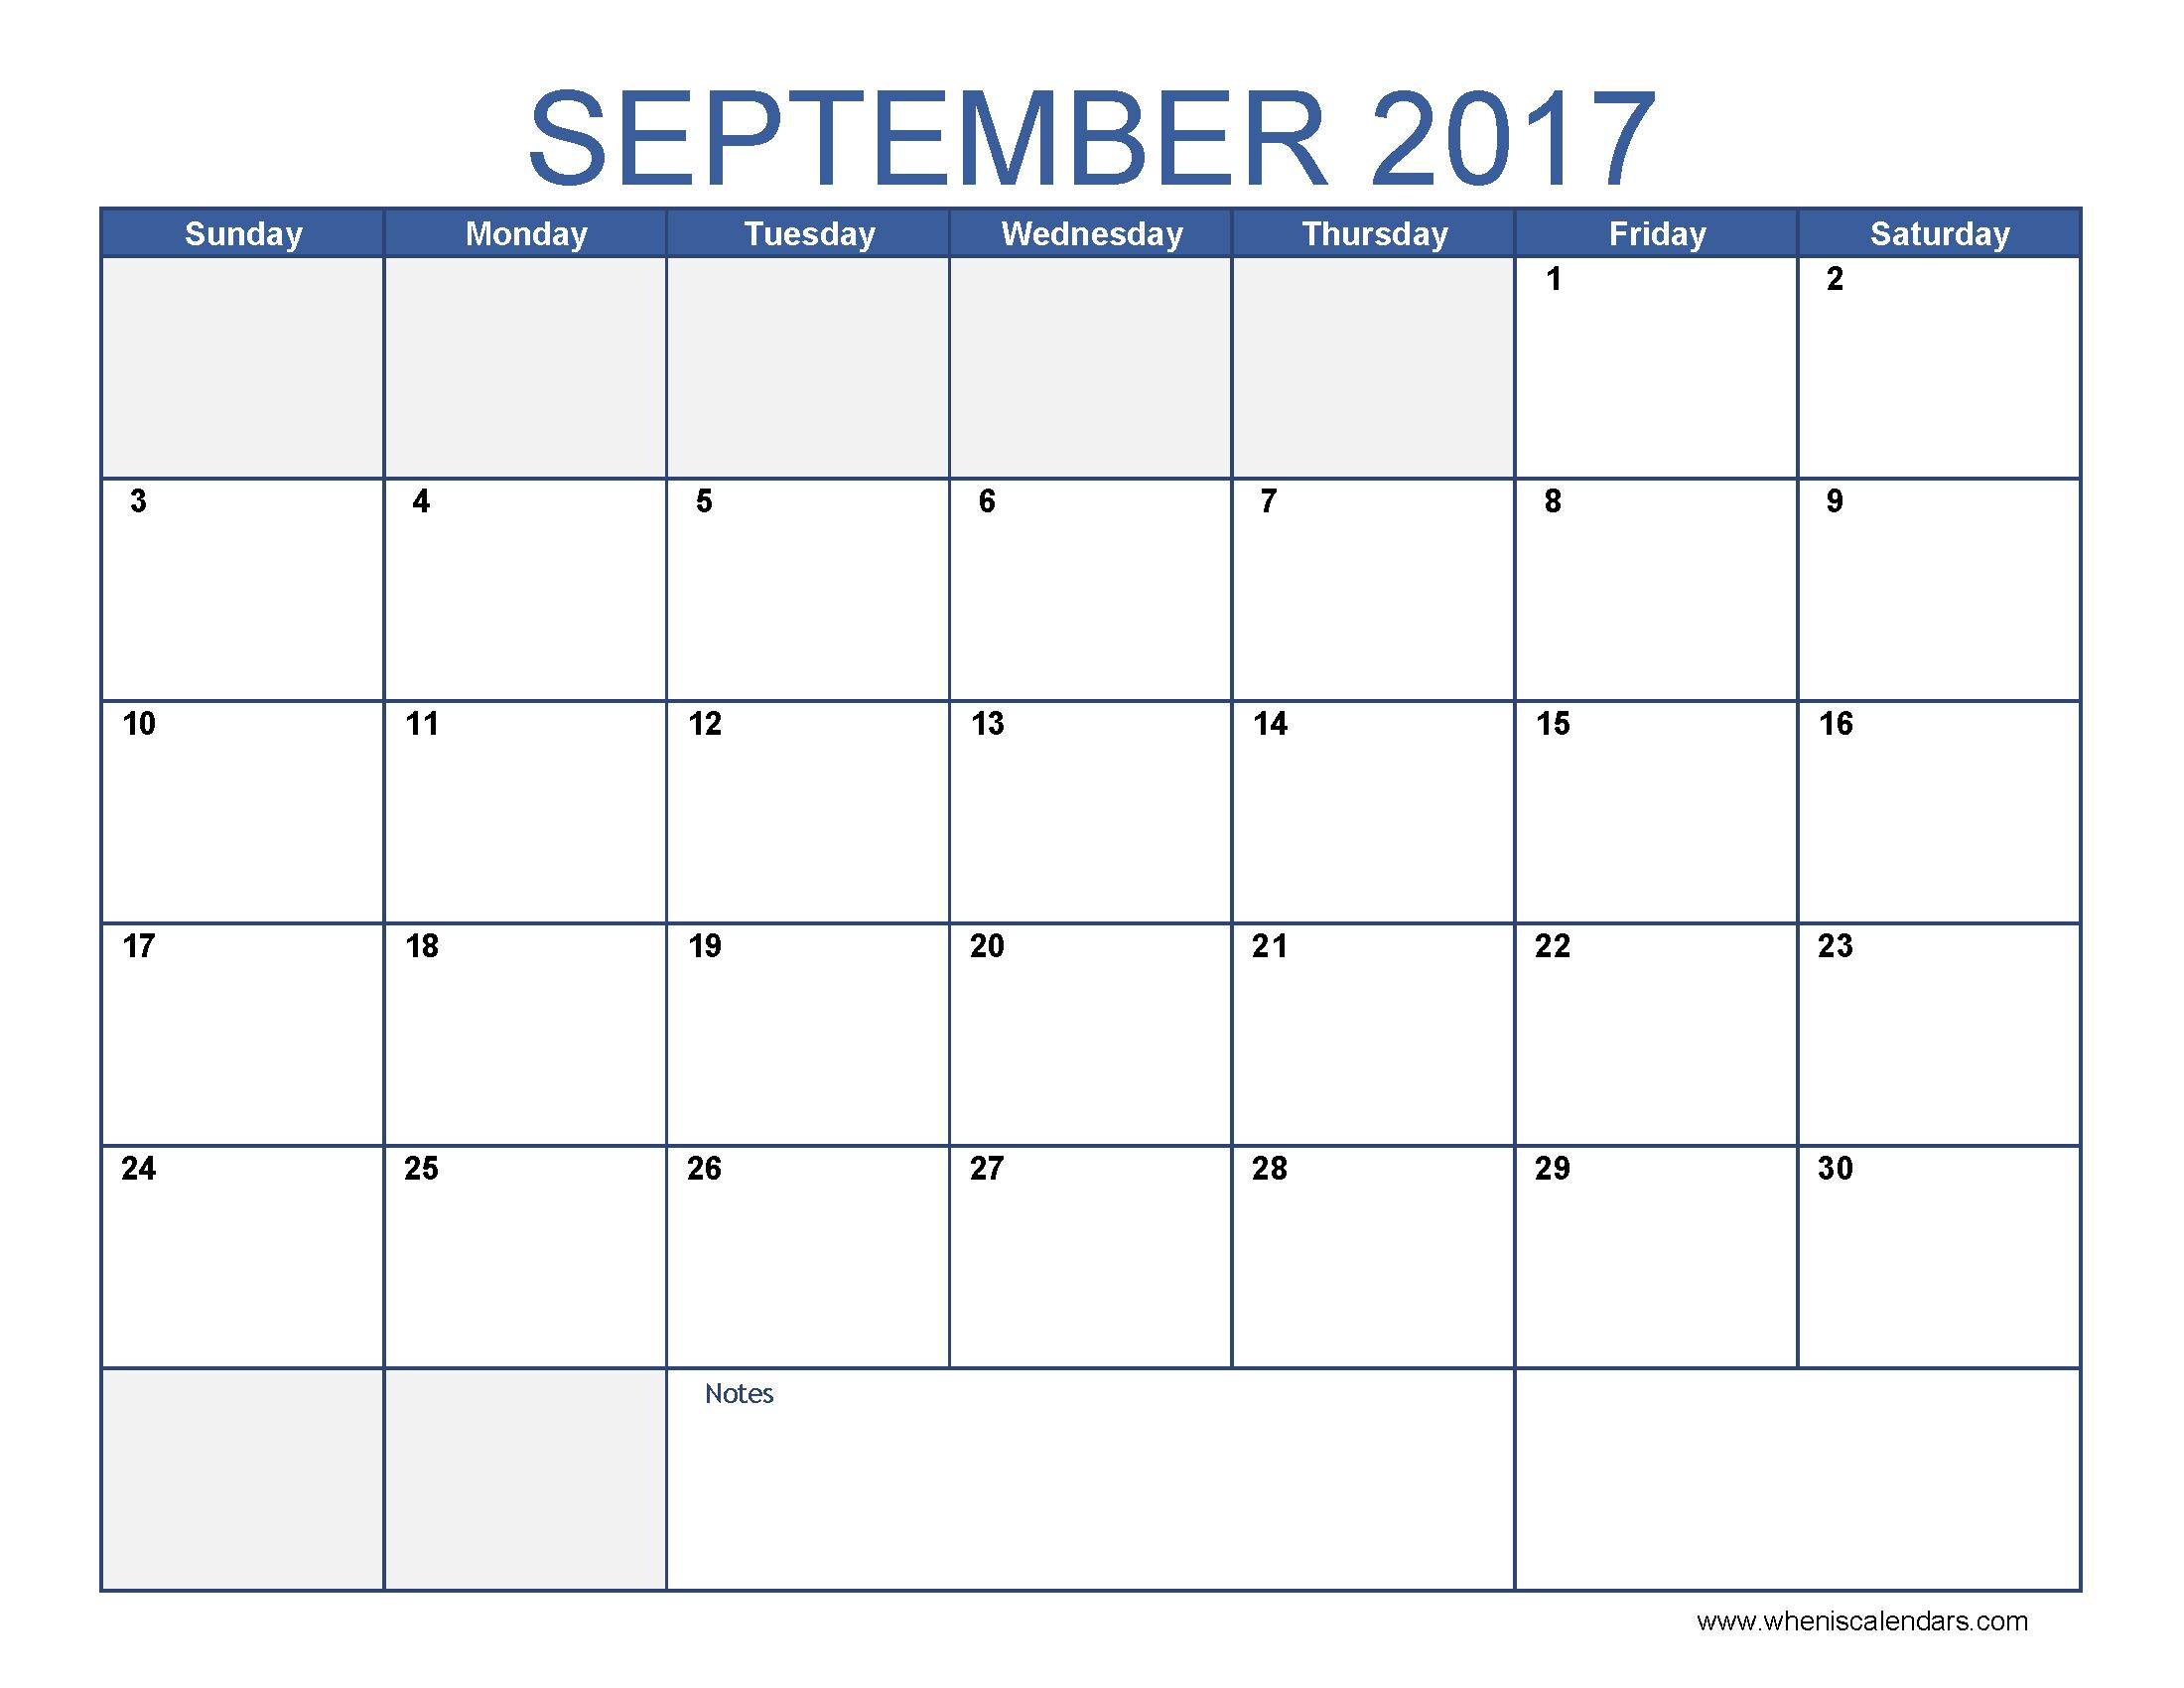 Klc consulting smac professional v27 beta incl keygen lz0 kufotyt explore calendar june and more maxwellsz